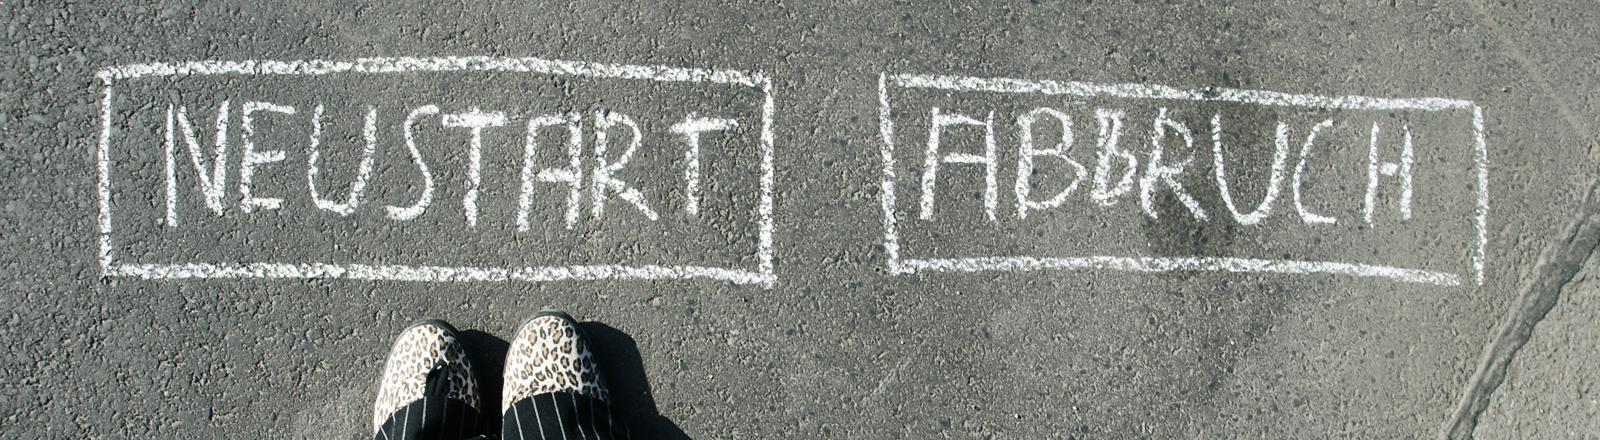 """Mit Kreide steht auf dem Boden Neustart und Abbruch, beide Worte mit einem Viereck umrandet. Vor """"Neustart"""" sind zwei Füße zu sehen."""